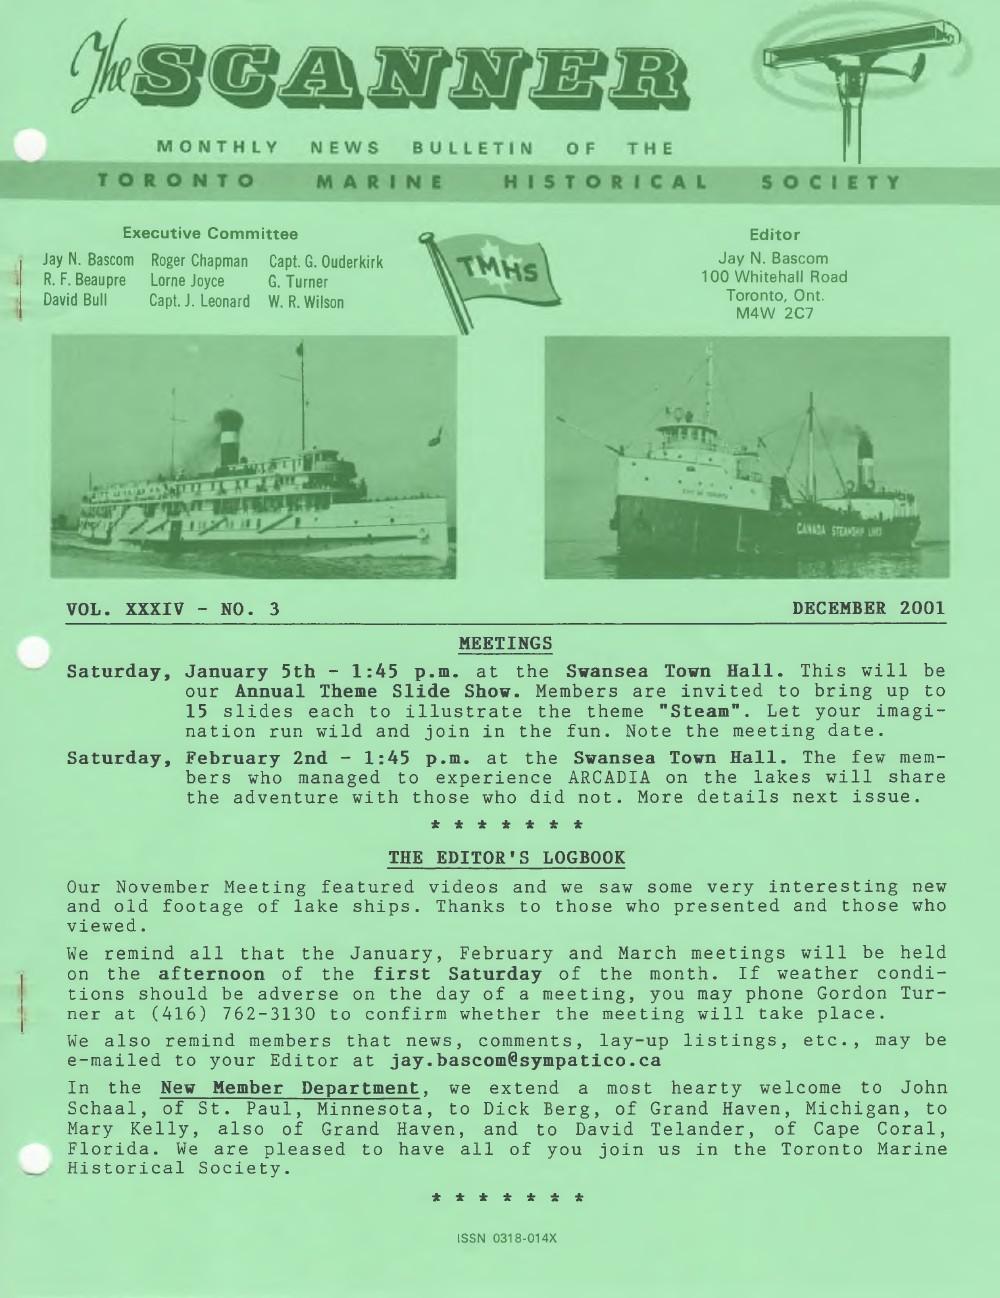 Scanner, v. 34, no. 3 (December 2001)